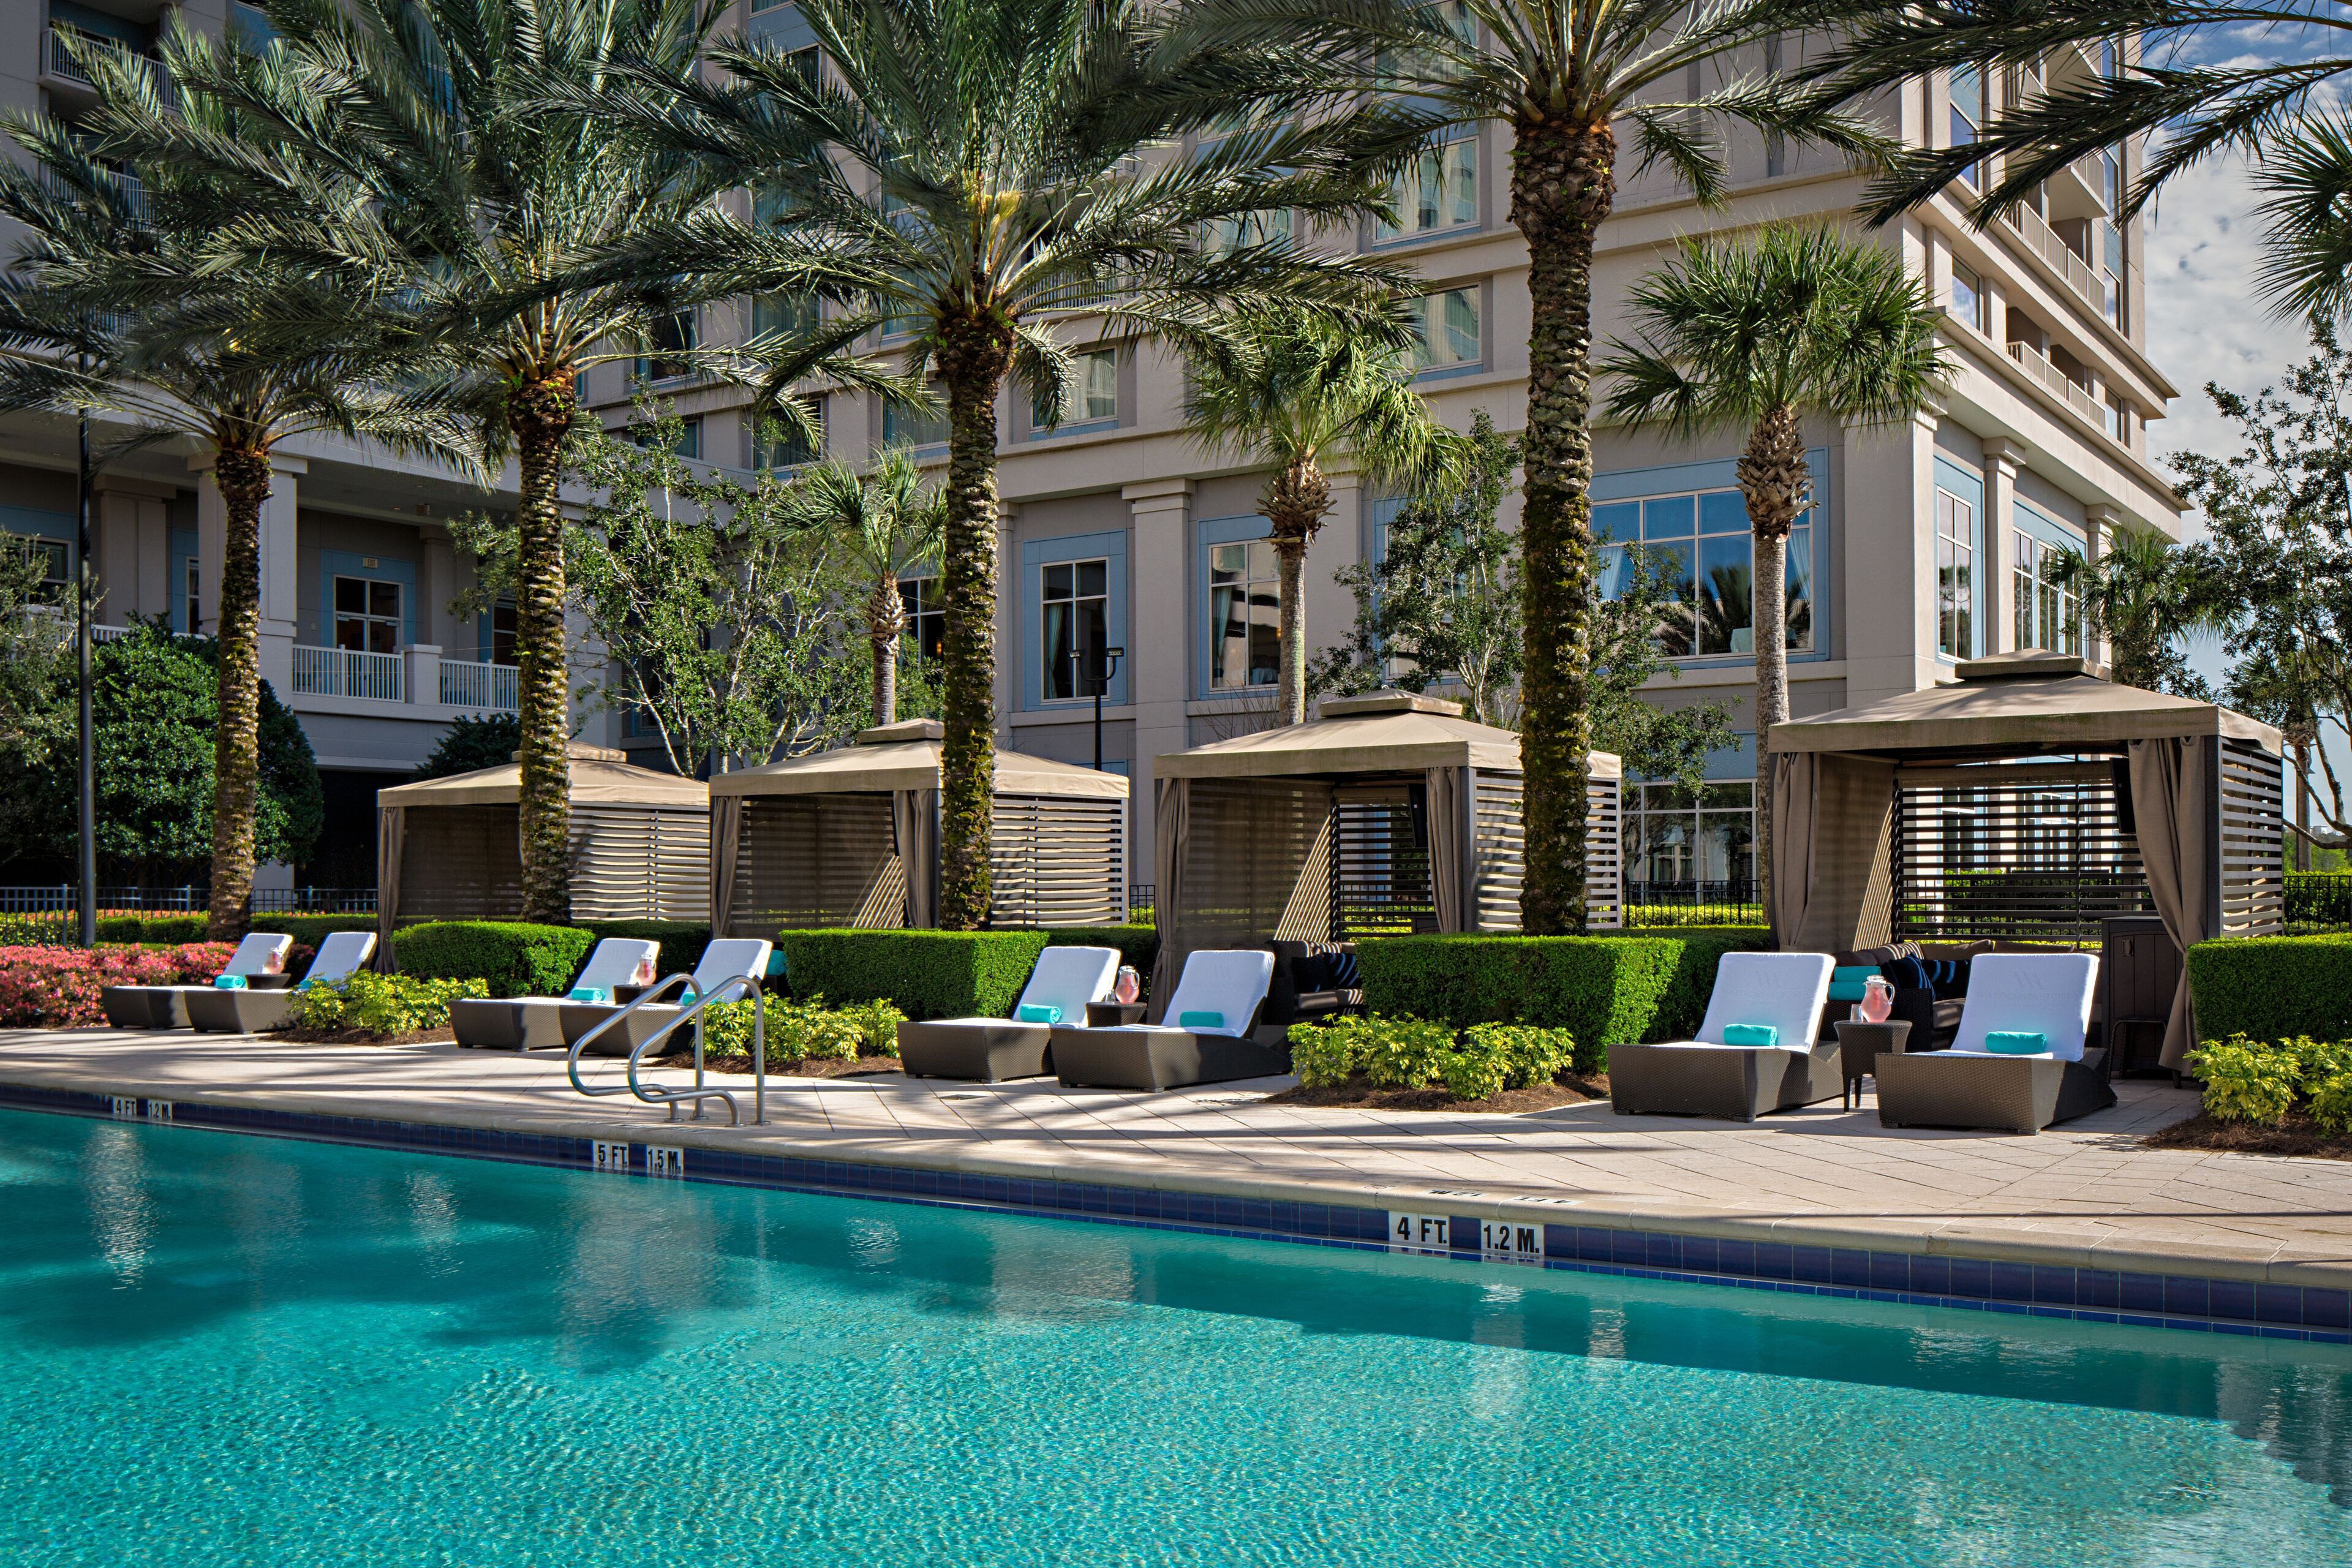 Courtesy of Waldorf Astoria Orlando / Expedia.com